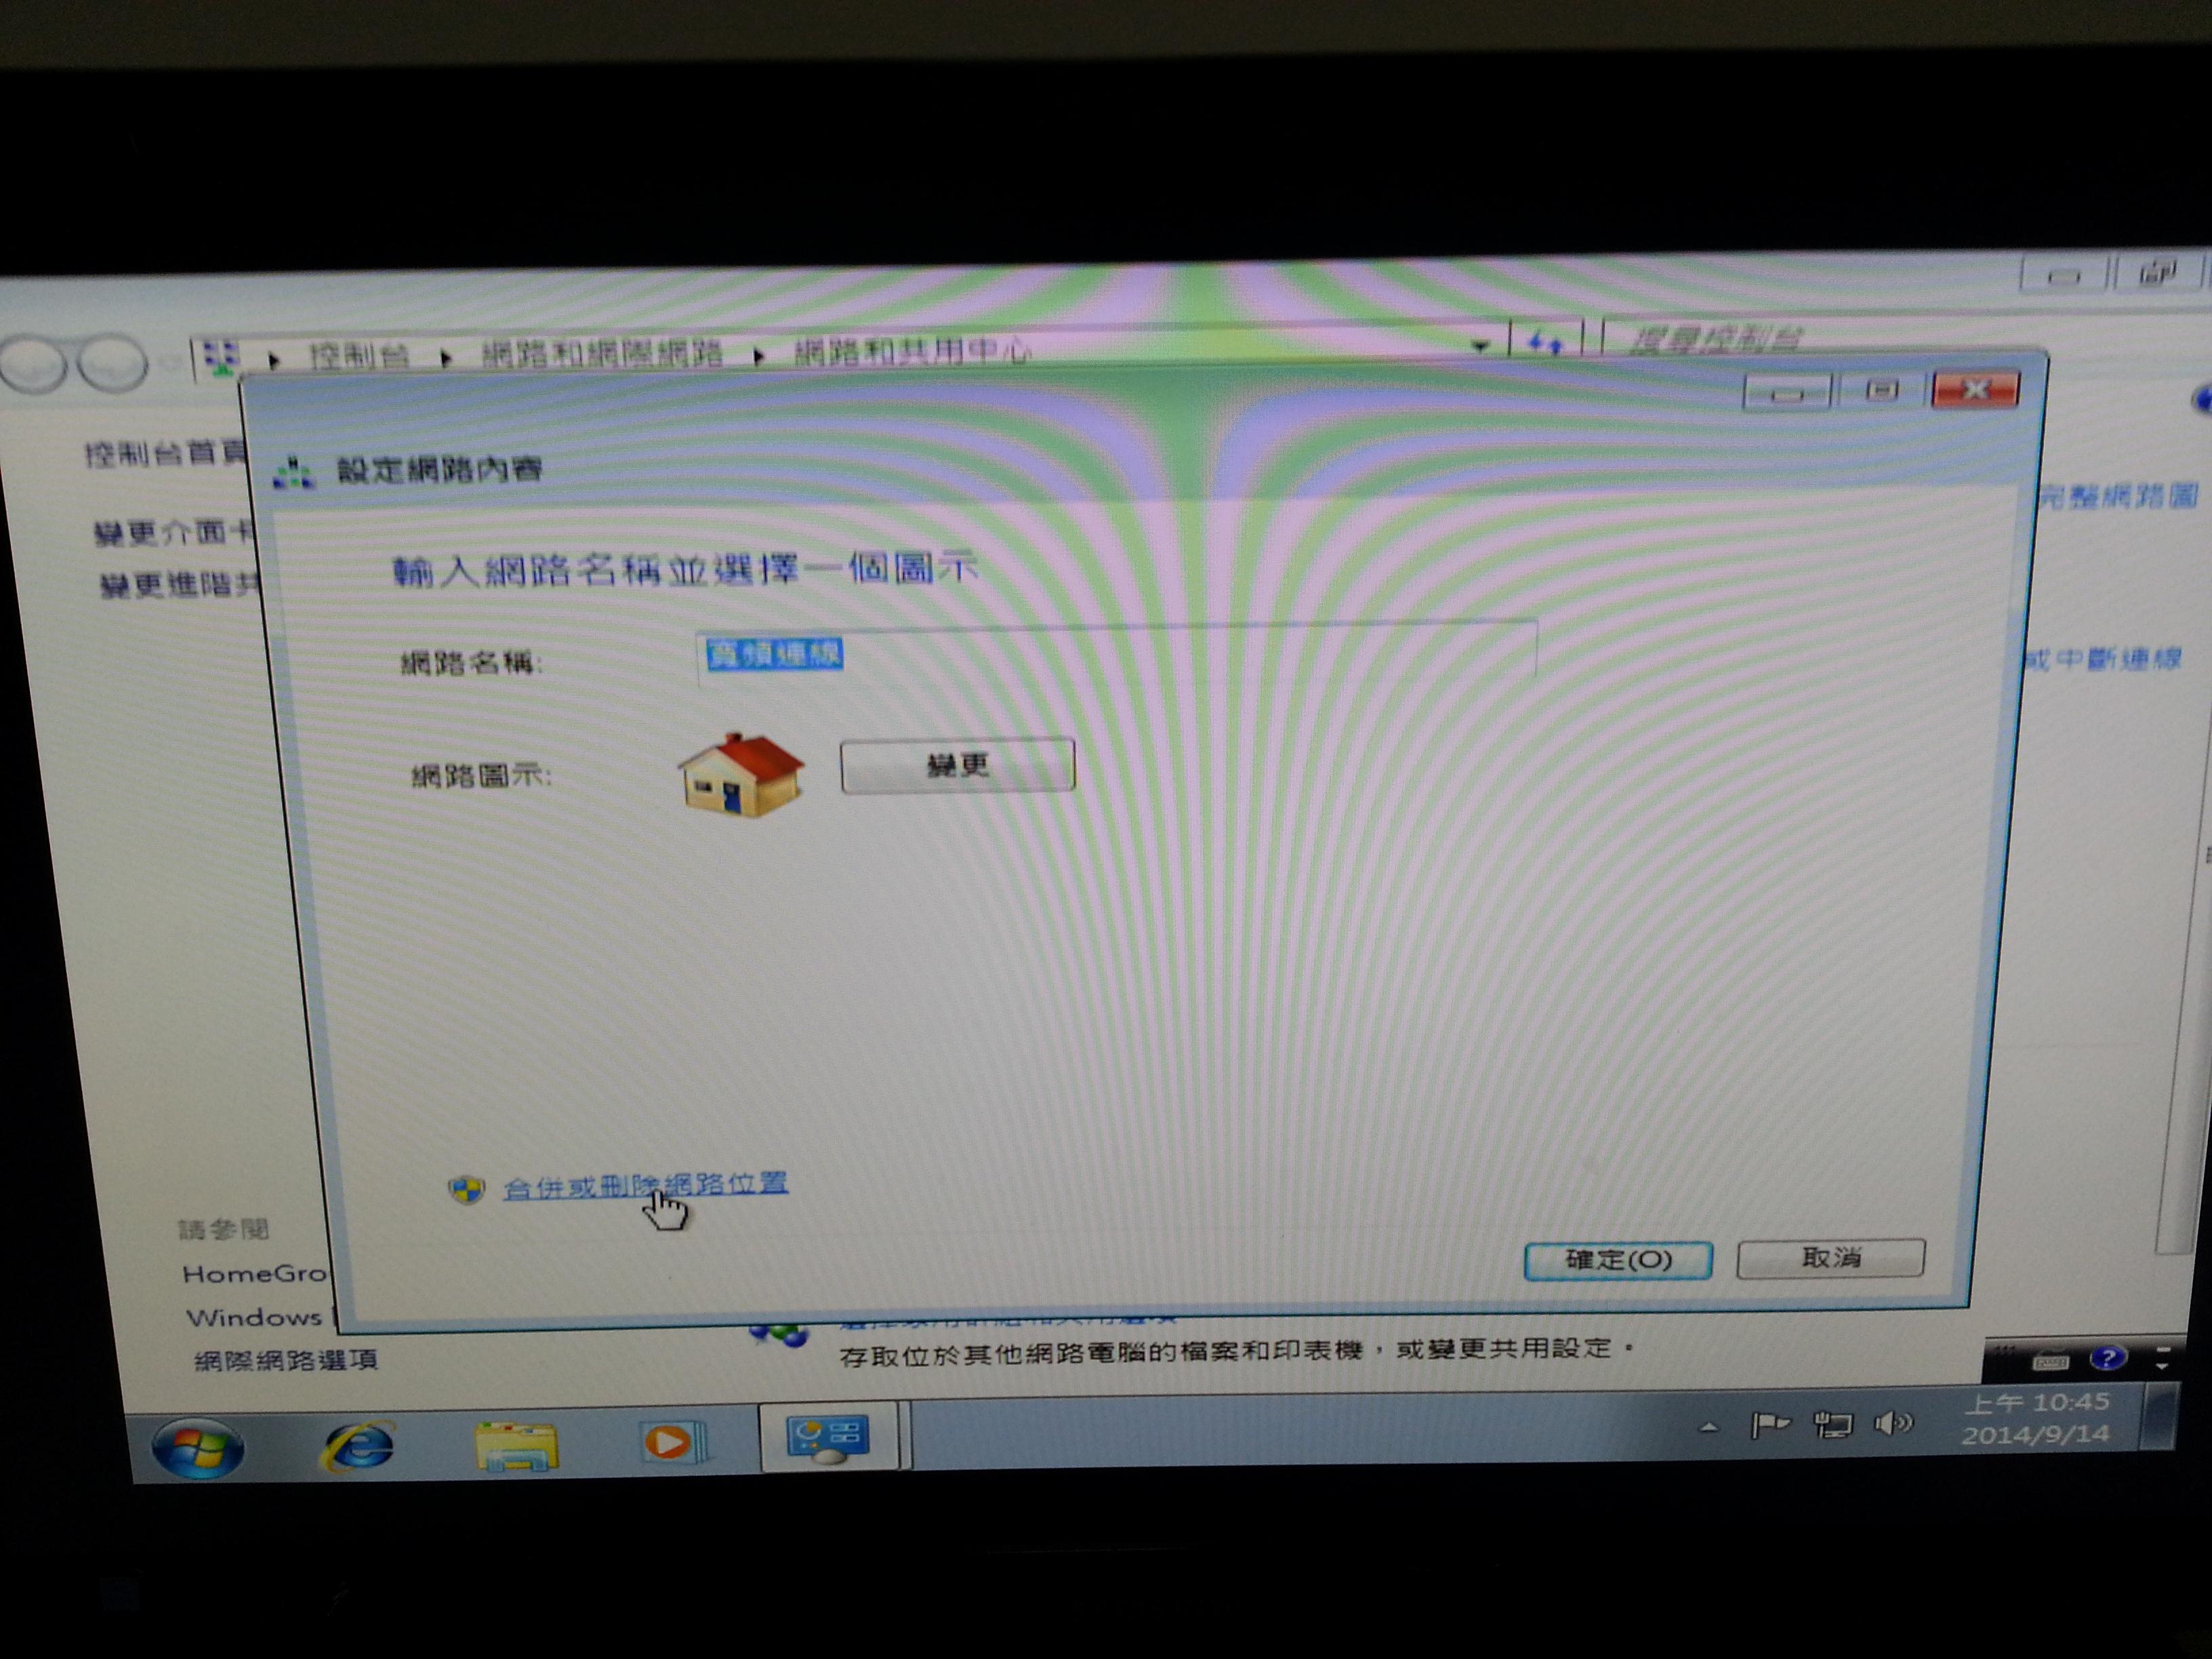 中華電信的家用wifi 如何停用?…… - Mobile01